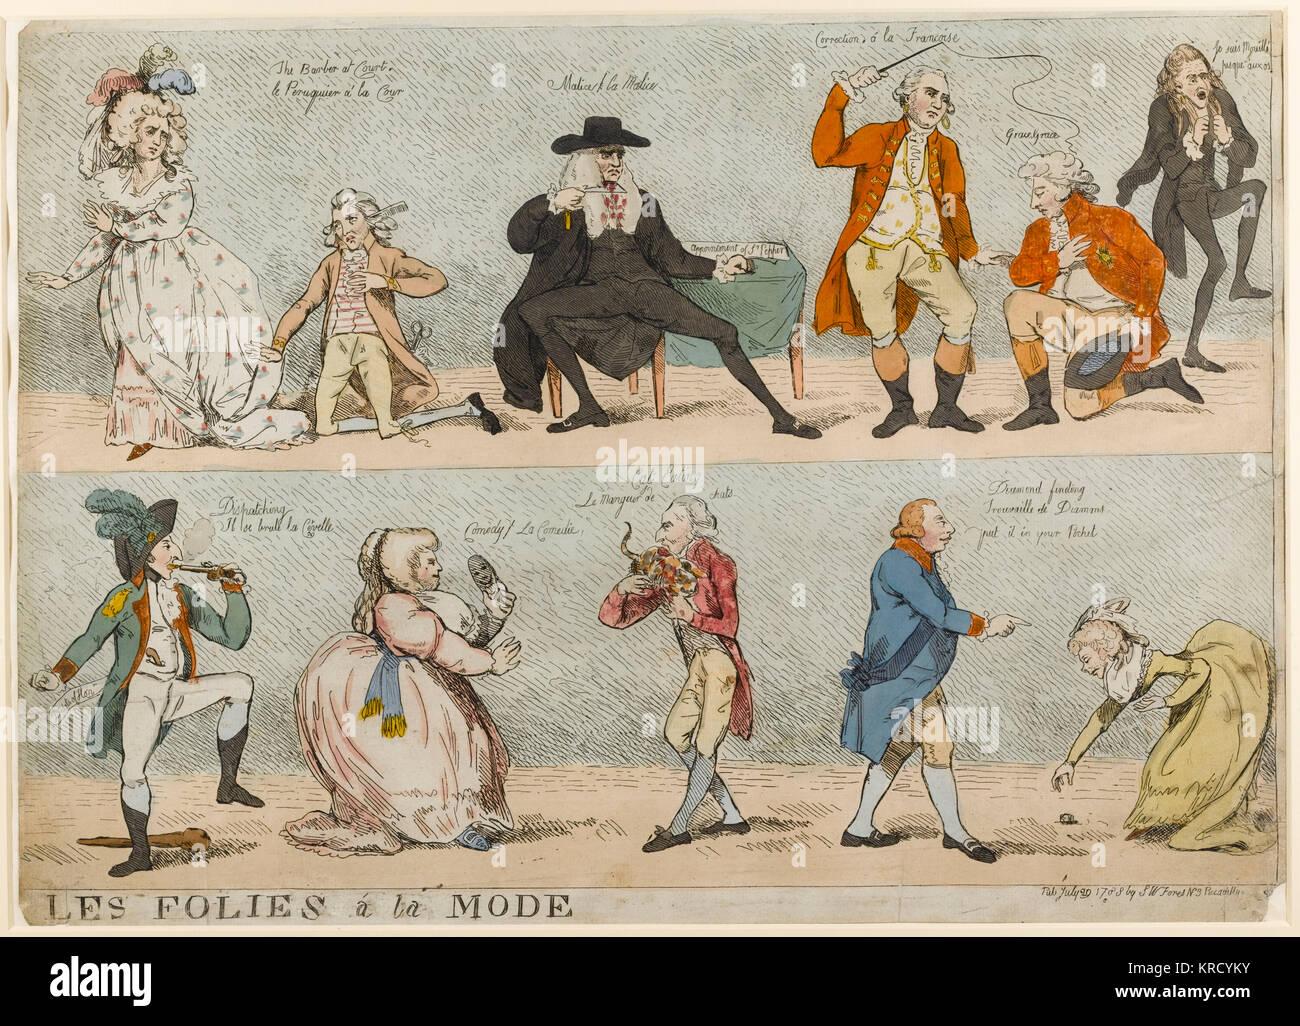 Satirische Karikatur, Les Folies a la Mode, die bekannten Gesellschaft Figuren und ihrer Unsinnigkeiten. Ein großer Stockbild